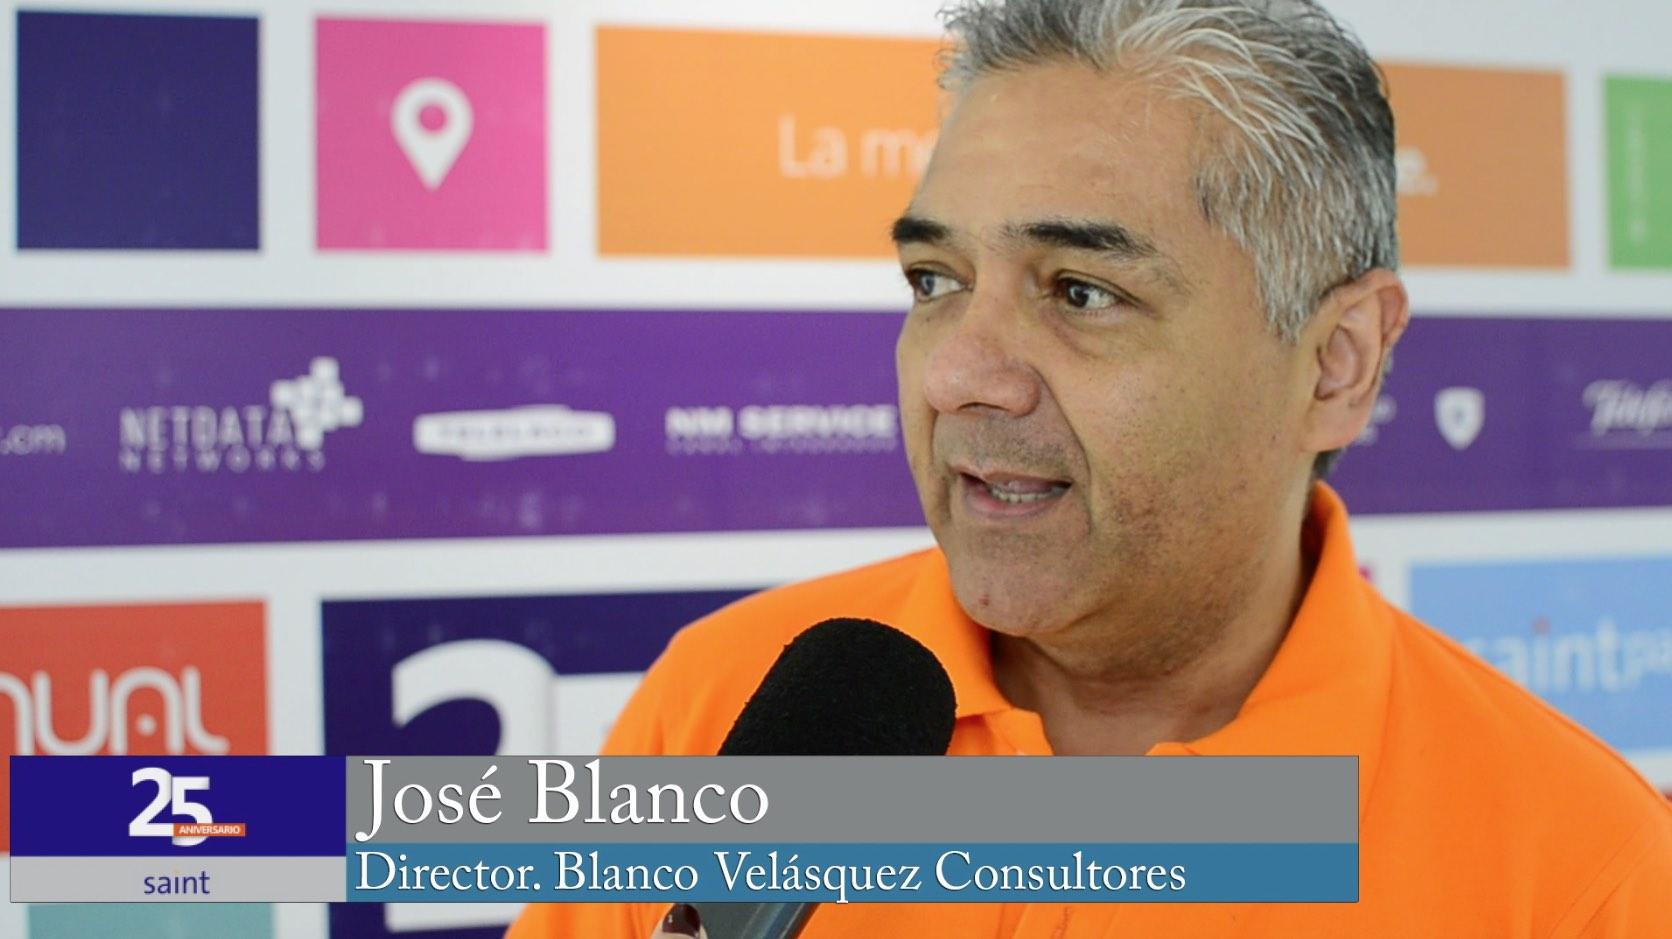 José Blanco habla de sus 25 años trabajando con SAINT.